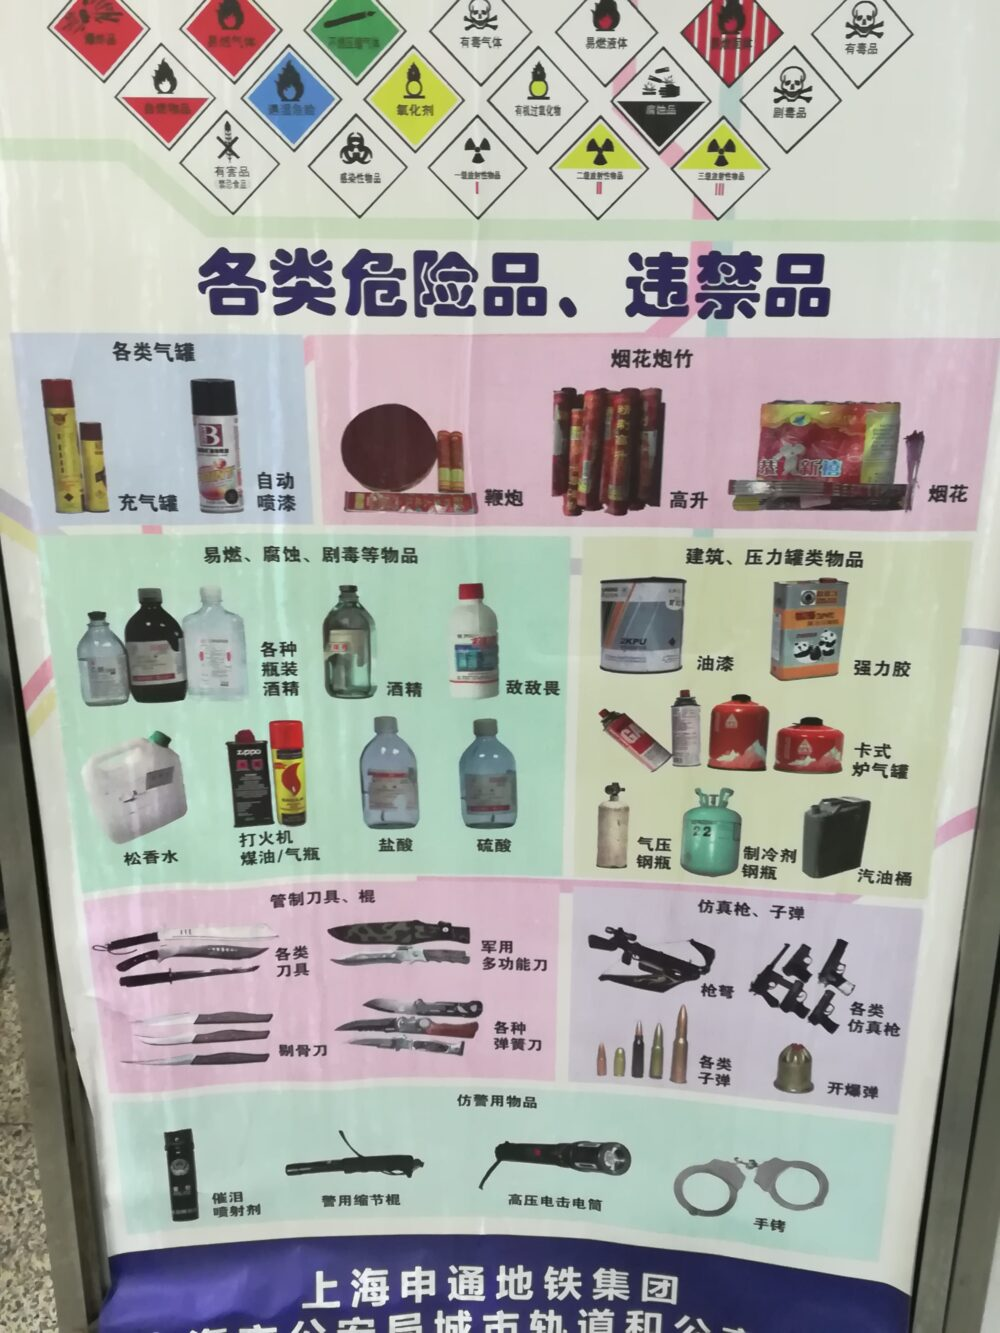 上海地下鉄で持ち込み不可に指定されているもの写真